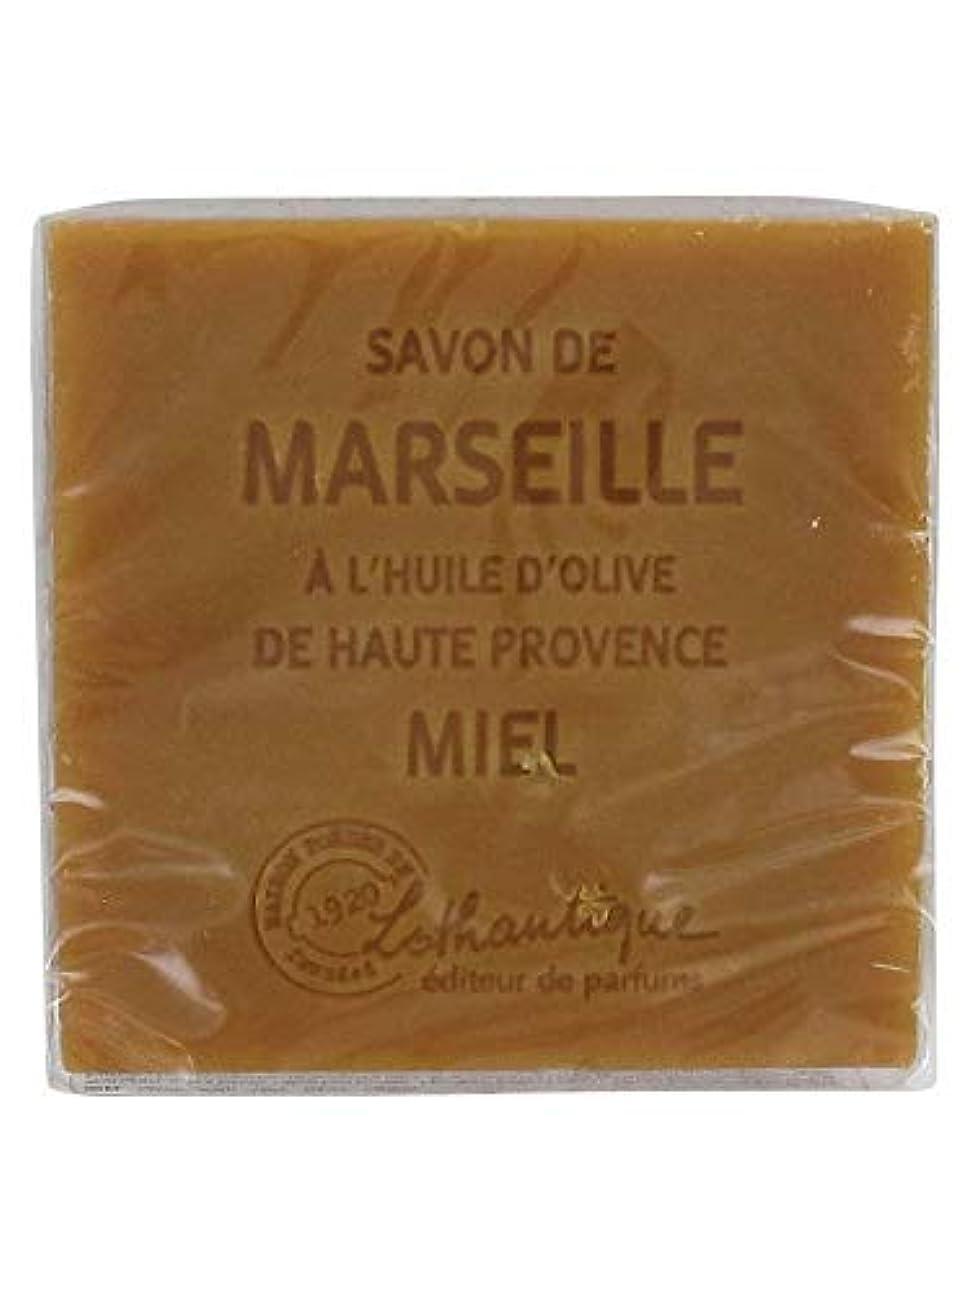 配偶者致死リマークLothantique(ロタンティック) Les savons de Marseille(マルセイユソープ) マルセイユソープ 100g 「ハニー」 3420070038074